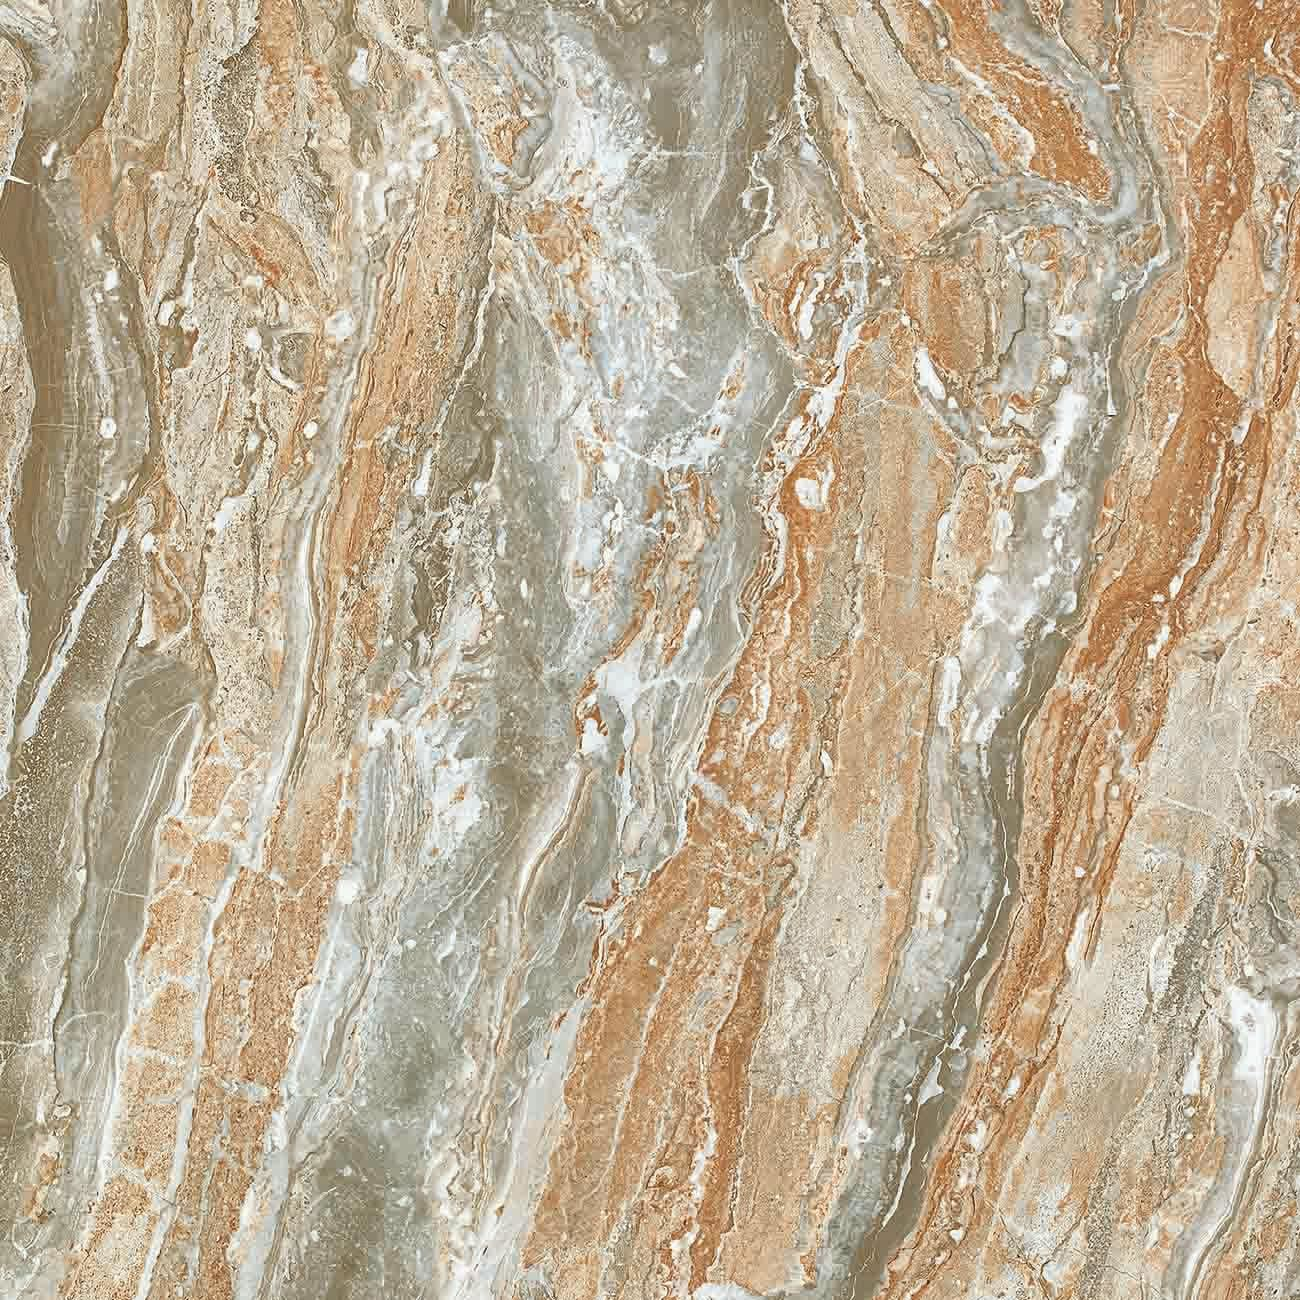 China Marble Tile Stone Tile Glazed Tile Super Smooth Glazed Porcelain Tile Floor Tile Building